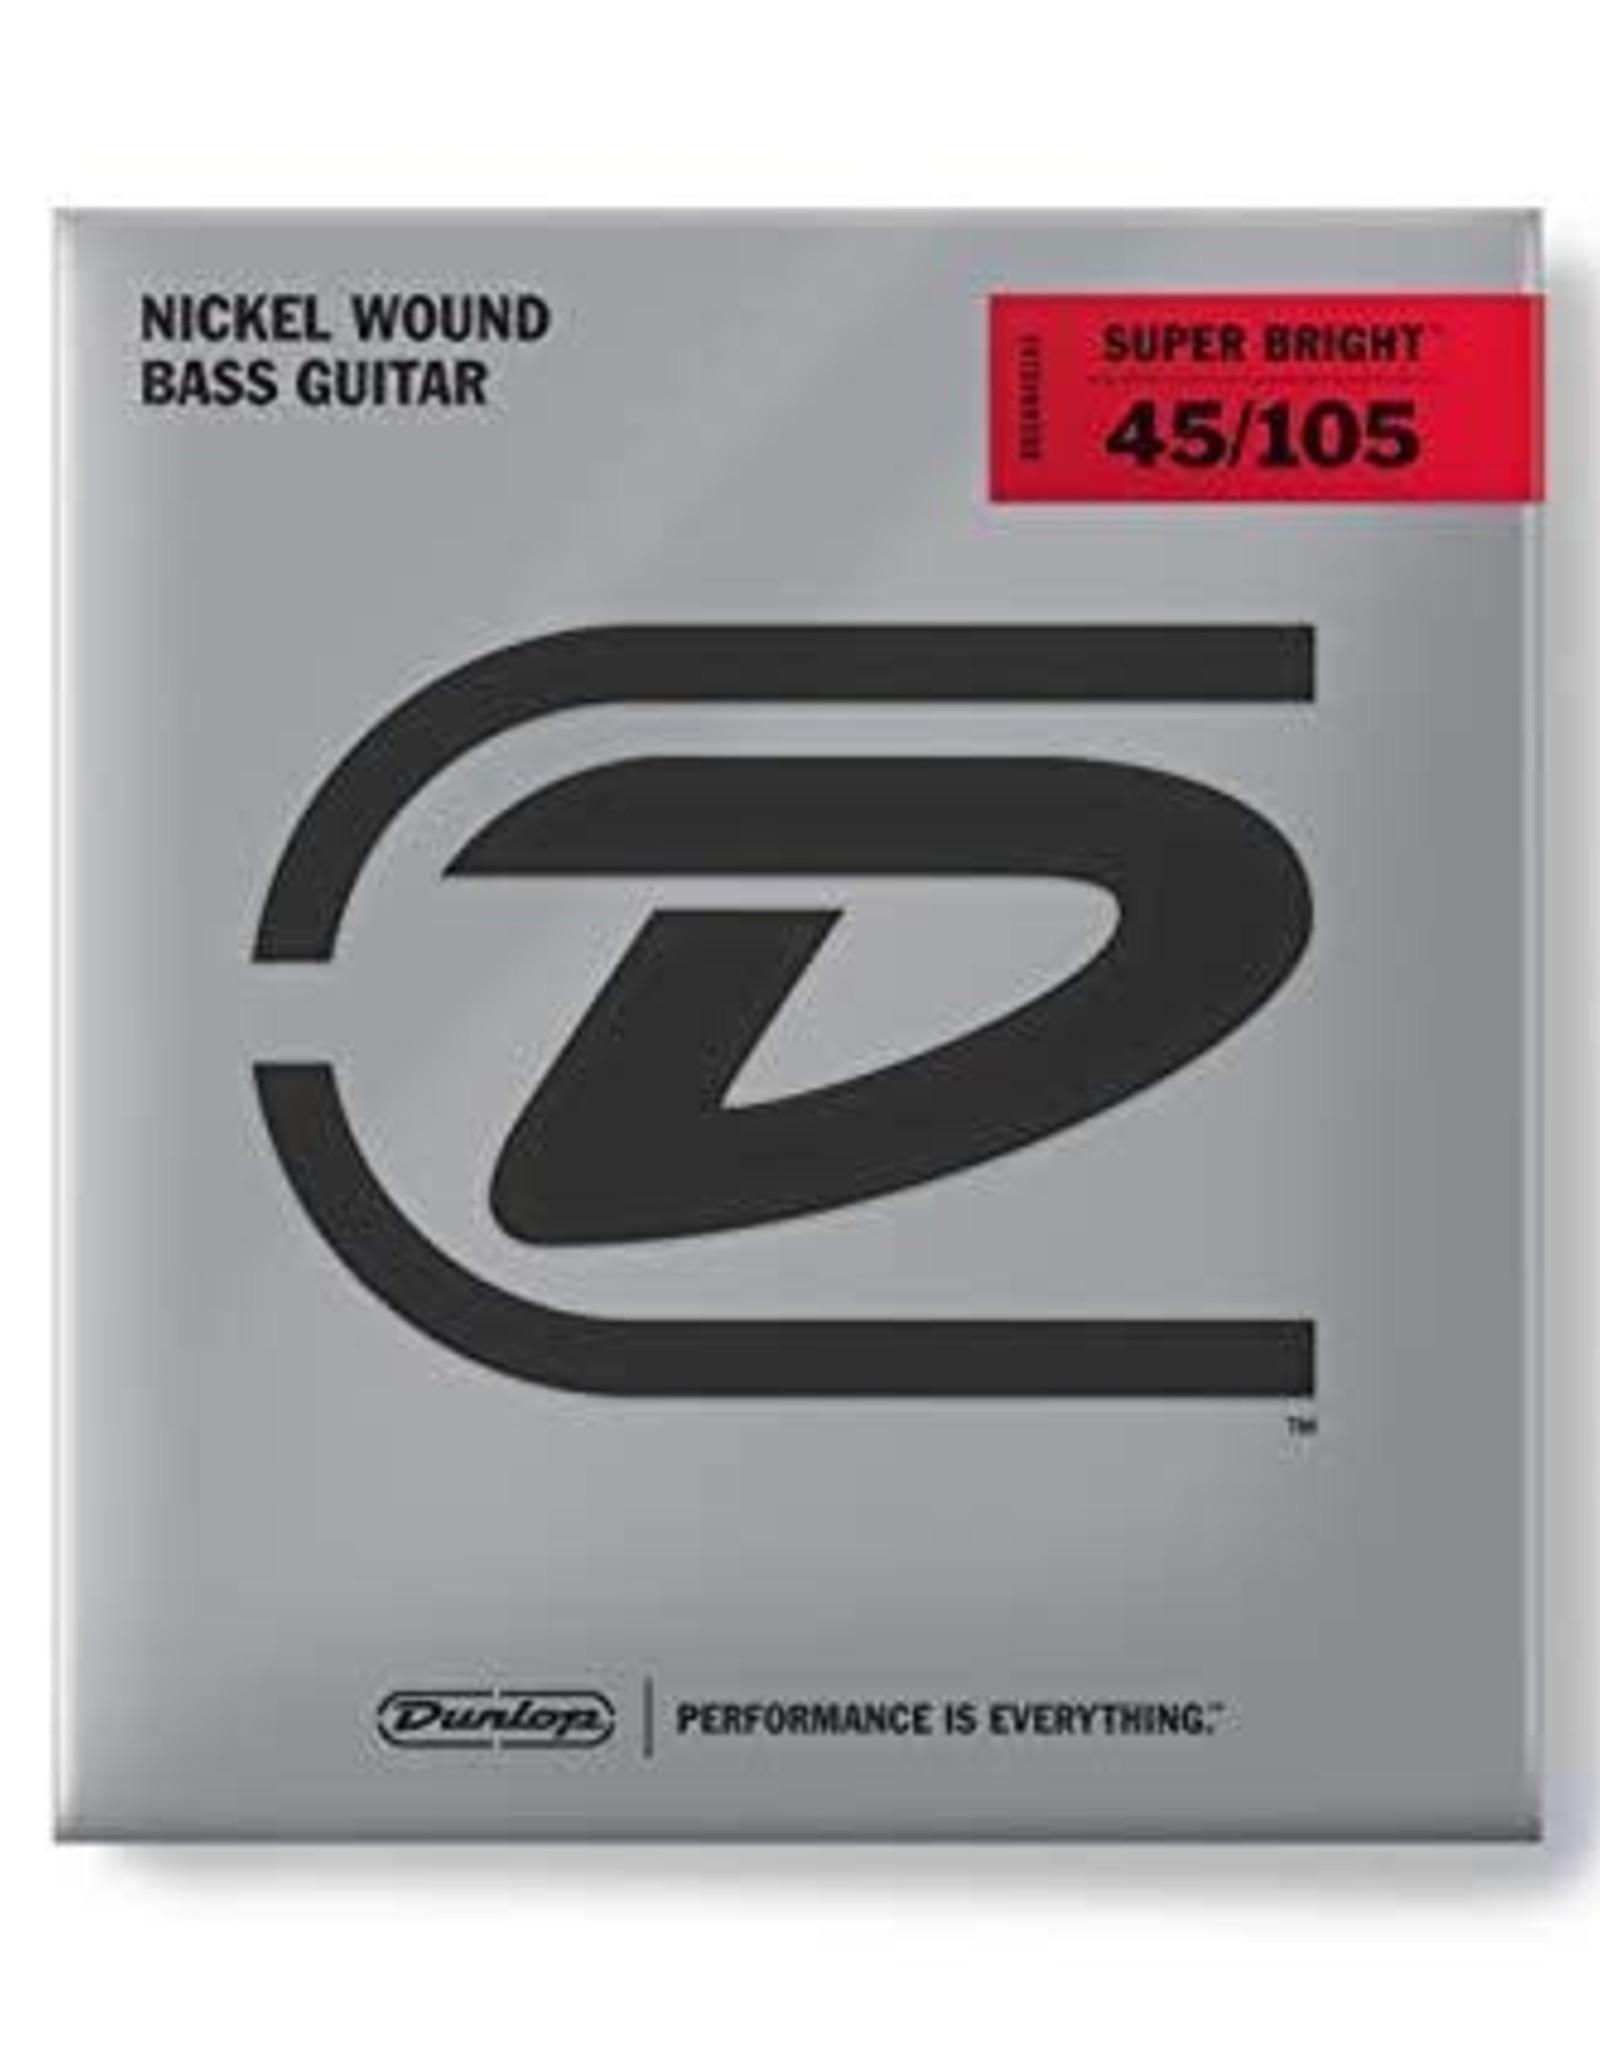 Dunlop Dunlop Super Bright Bass Strings, Nickel Wound, Medium, .045–.105